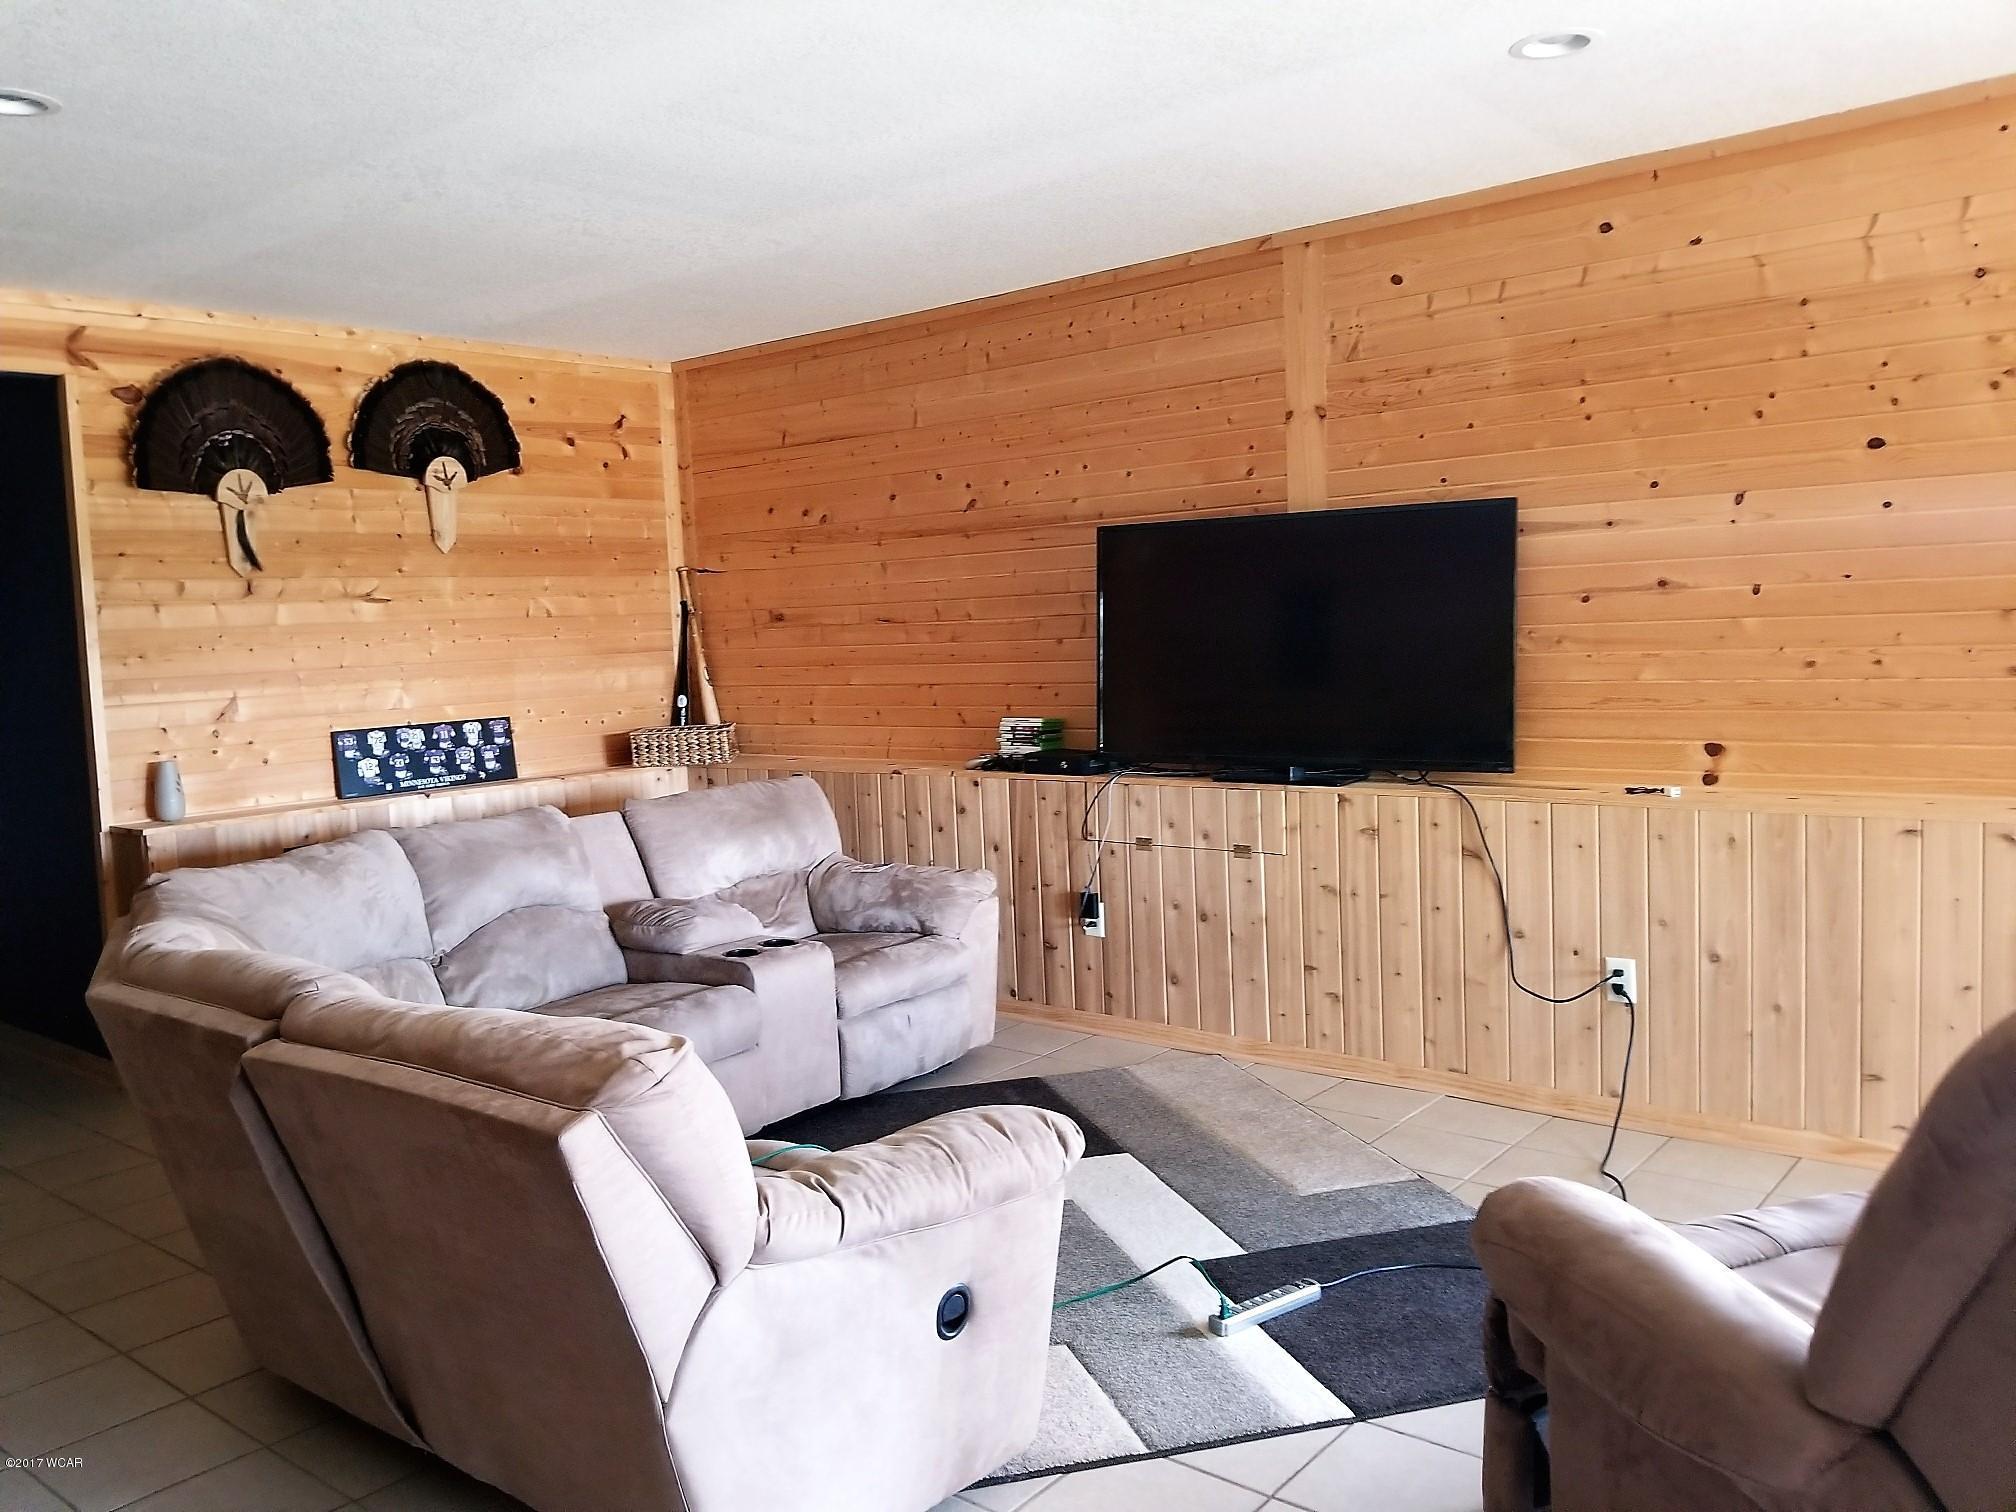 8007 240 Avenue,Belgrade,4 Bedrooms Bedrooms,3 BathroomsBathrooms,Single Family,240 Avenue,6027596